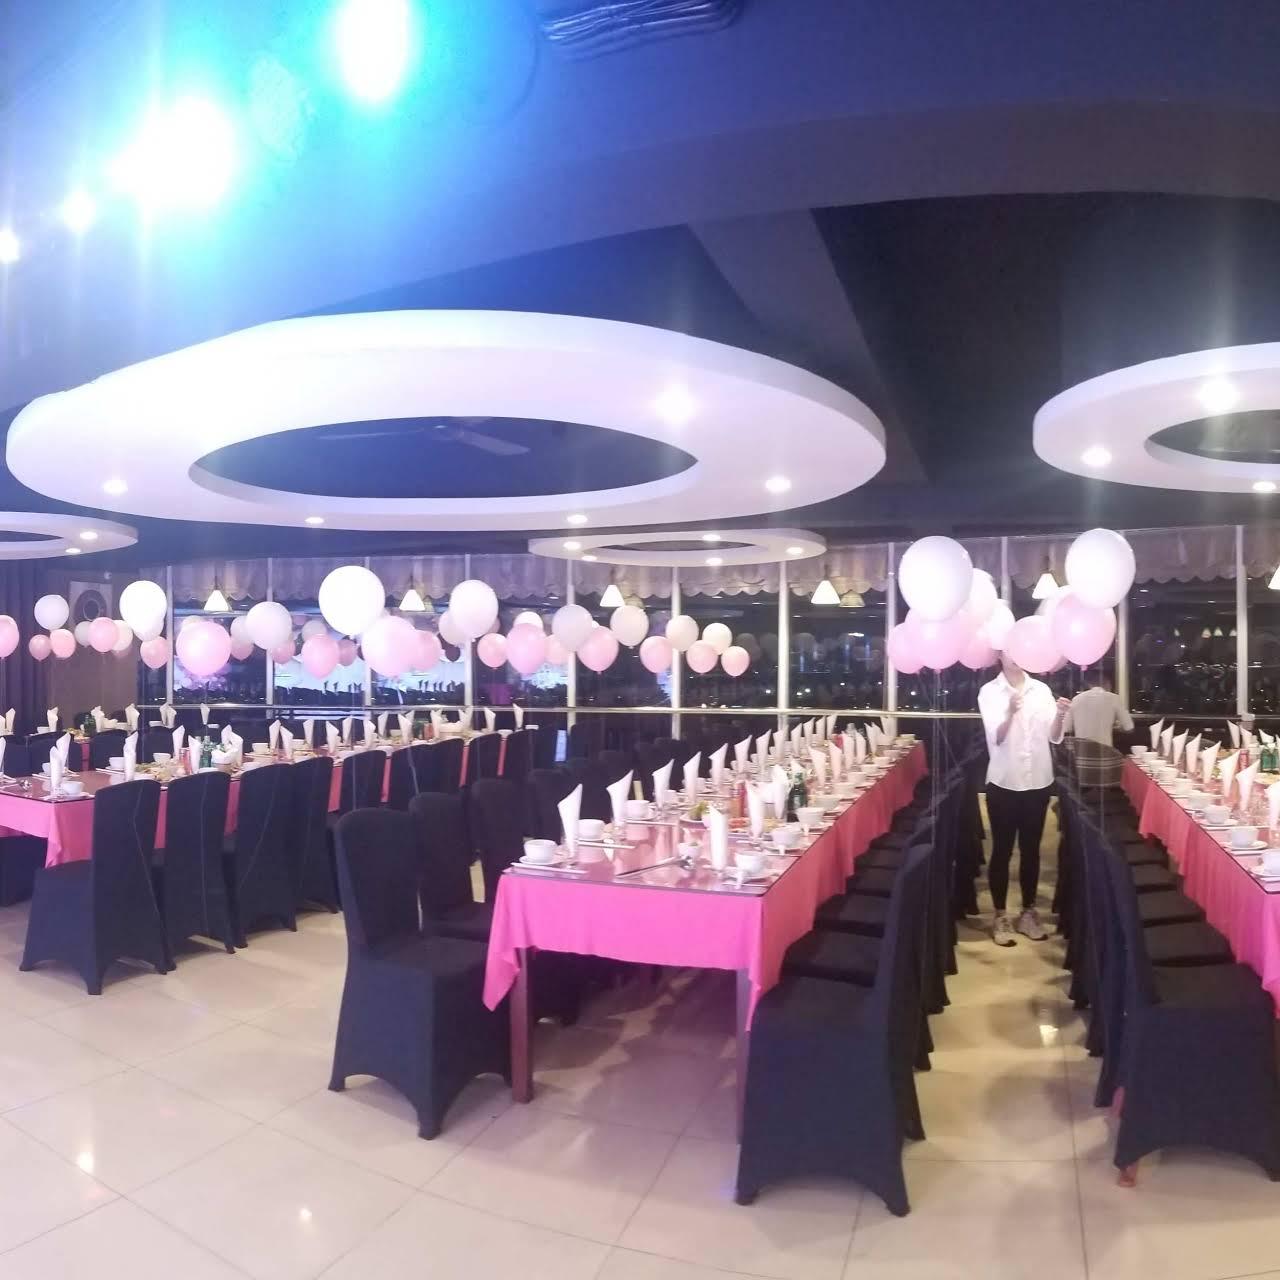 Eureka Tây Hồ có sức chứa 150 thực khách. Nhà hàng được trang bị sân khấu rộng rãi, với đầy đủ các thiết bị âm thanh, ánh sáng hiện đại.